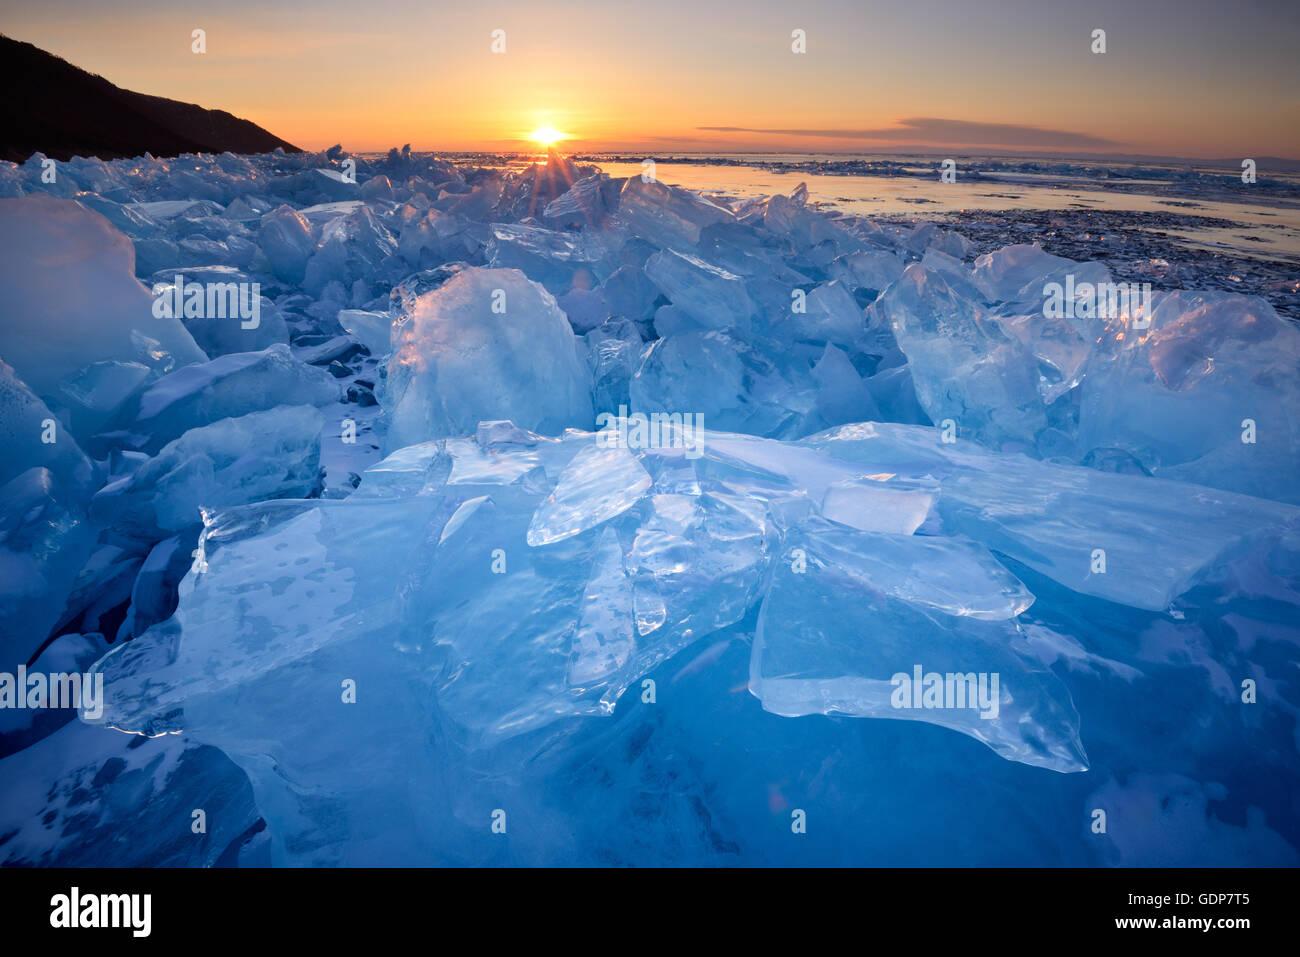 Impilati rotto il ghiaccio al tramonto sul Lago Baikal, isola di Olkhon, Siberia, Russia Immagini Stock